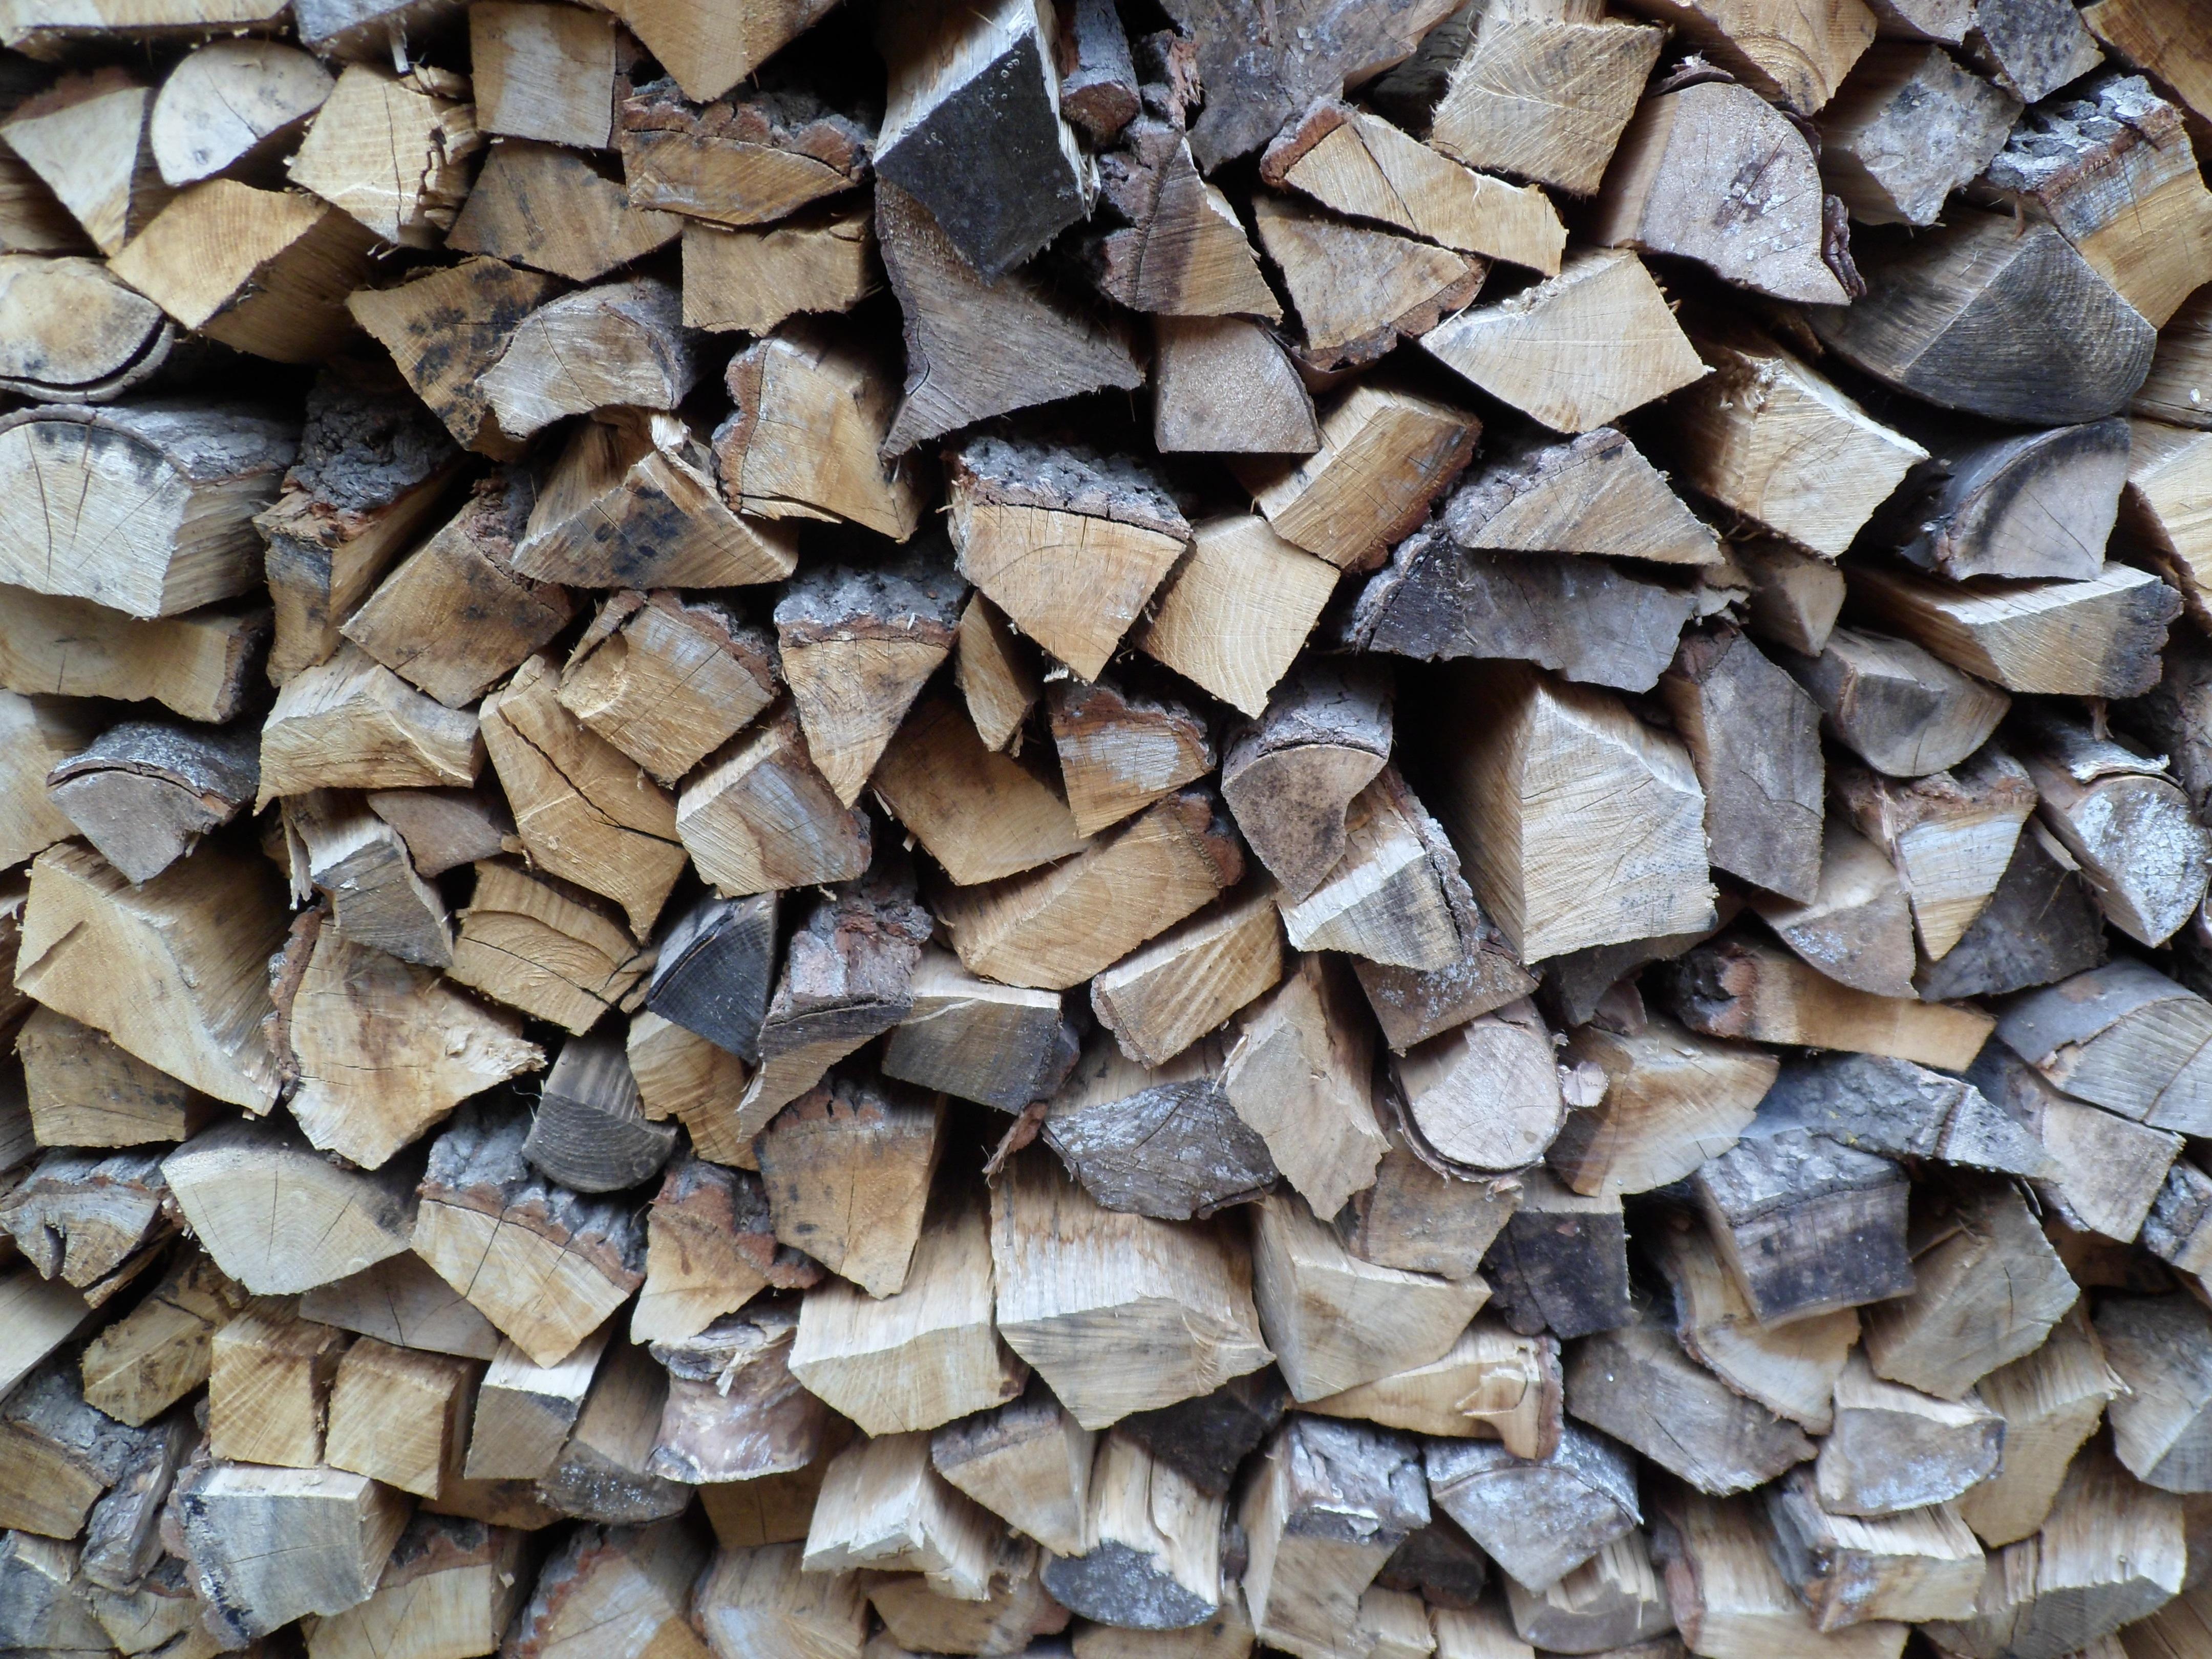 images gratuites roche texture sol mur de pierre bois de chauffage jardin bois d 39 oeuvre. Black Bedroom Furniture Sets. Home Design Ideas